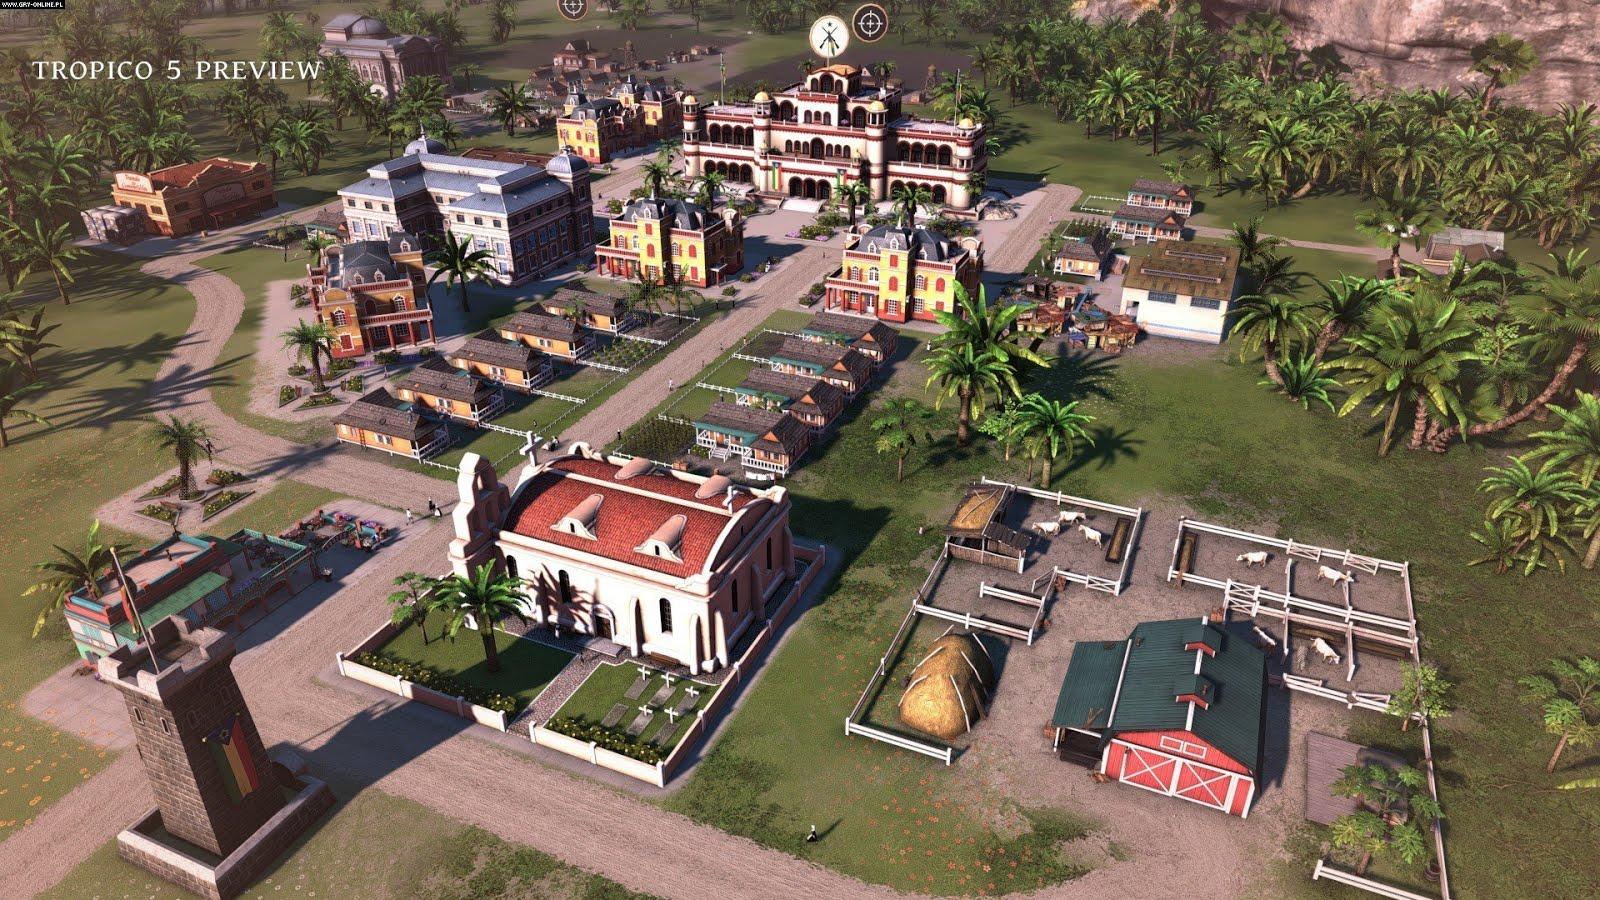 تحميل لعبة tropico 5